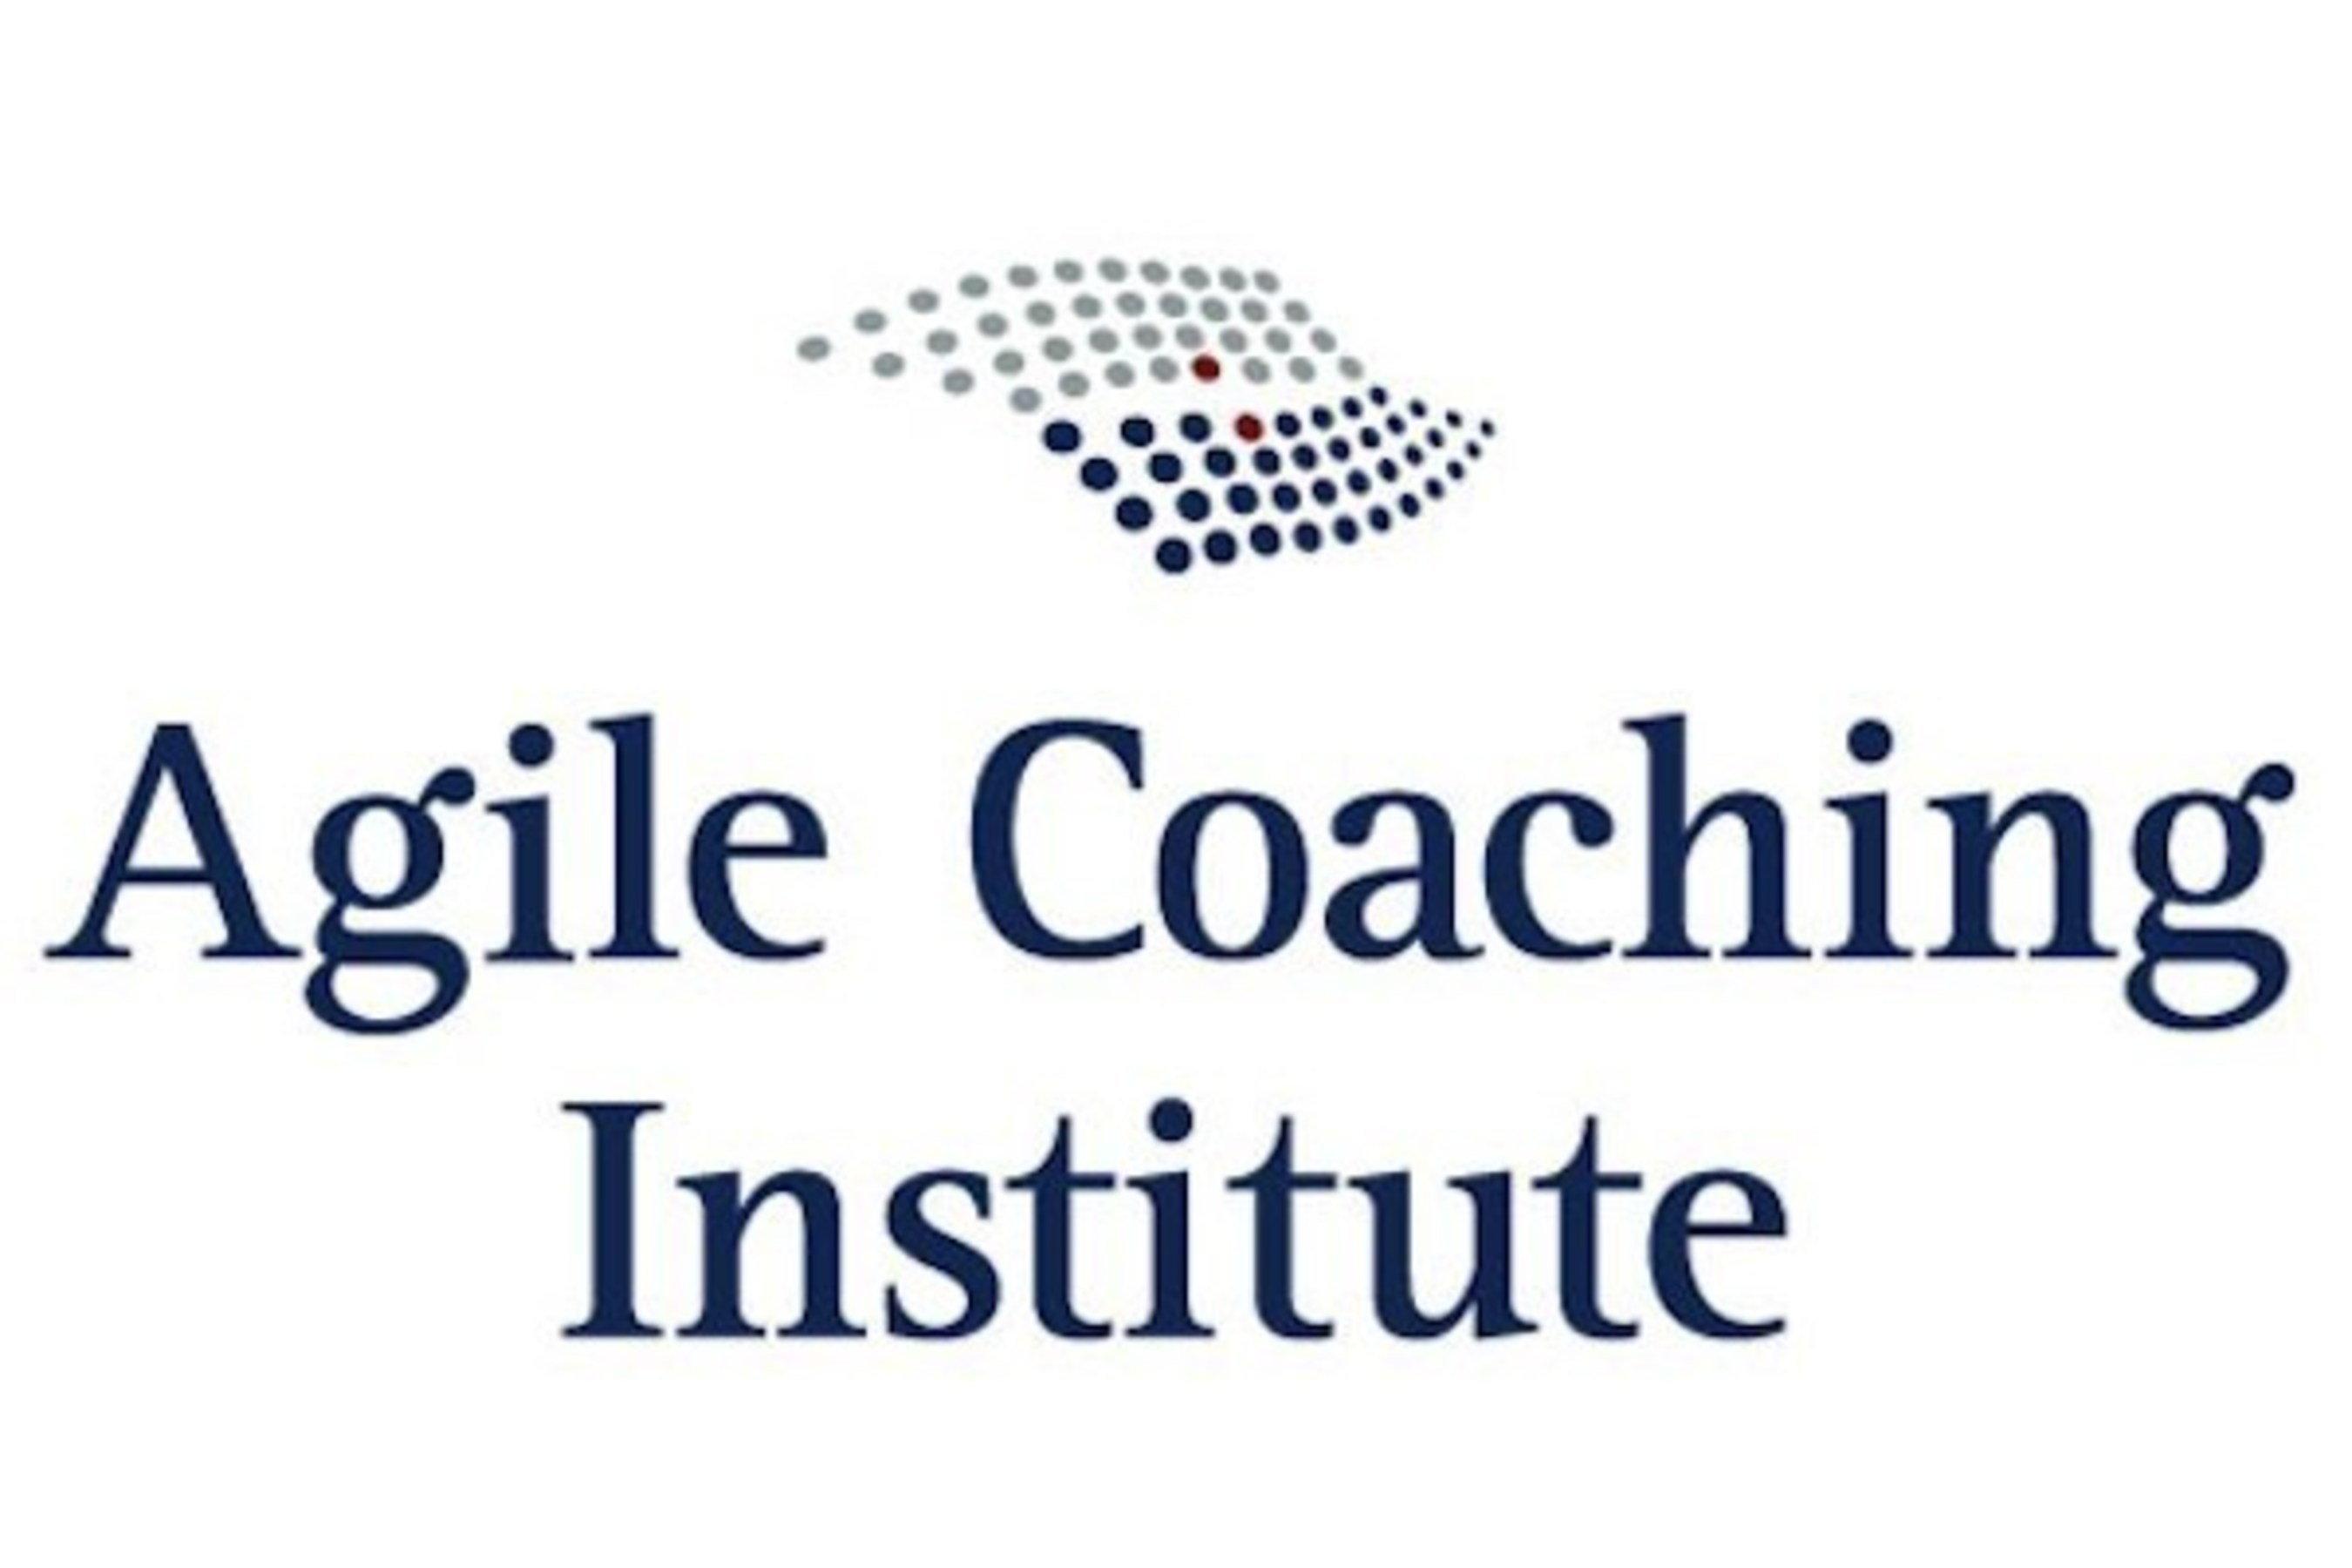 Agile Coaching Institute (ACI)